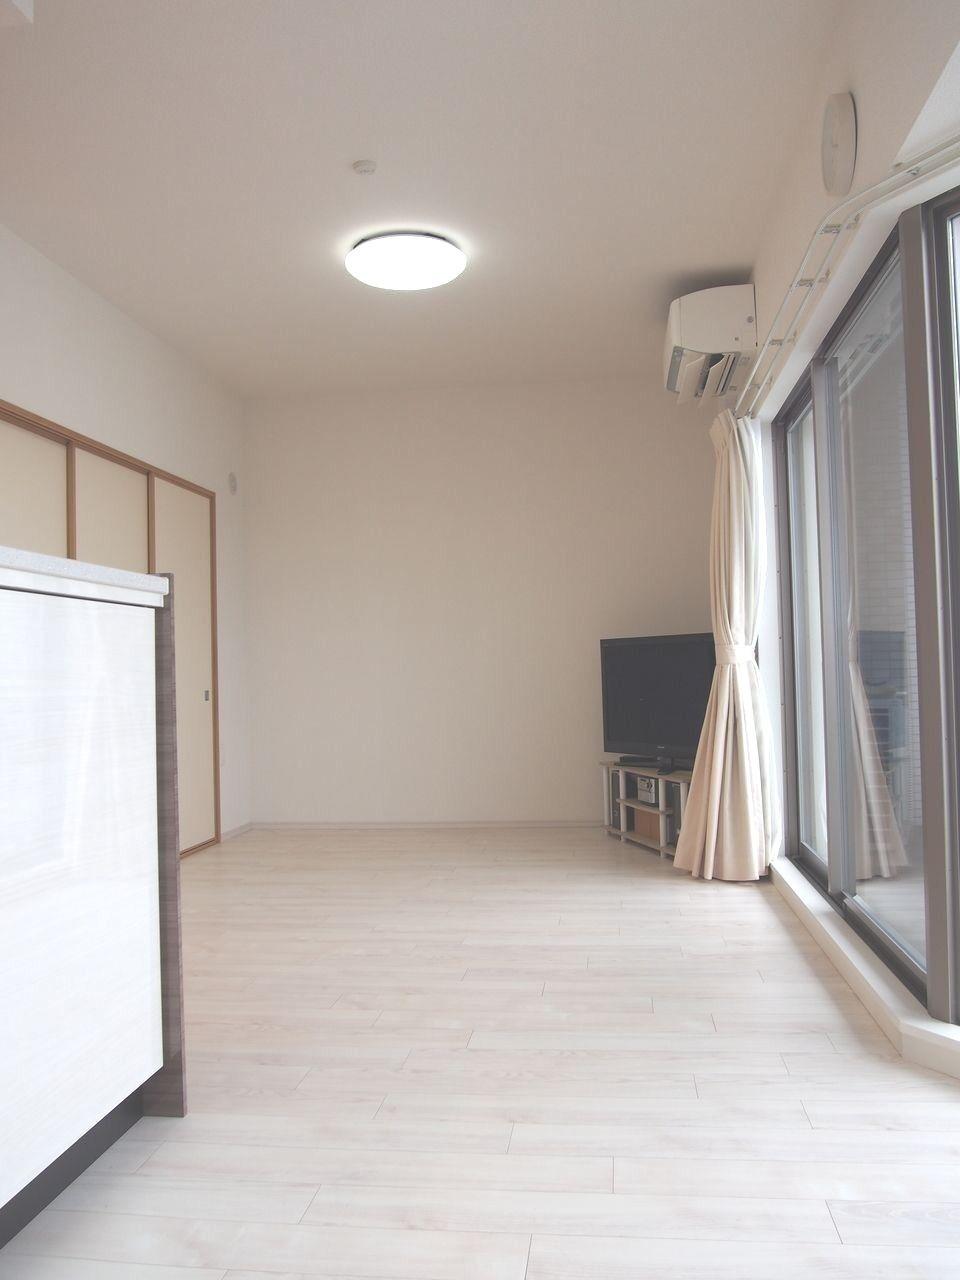 LDKで17帖 ダイニング・リビングは床暖房が設置されています。空気を汚さず、足元からお部屋を暖めてくれます。